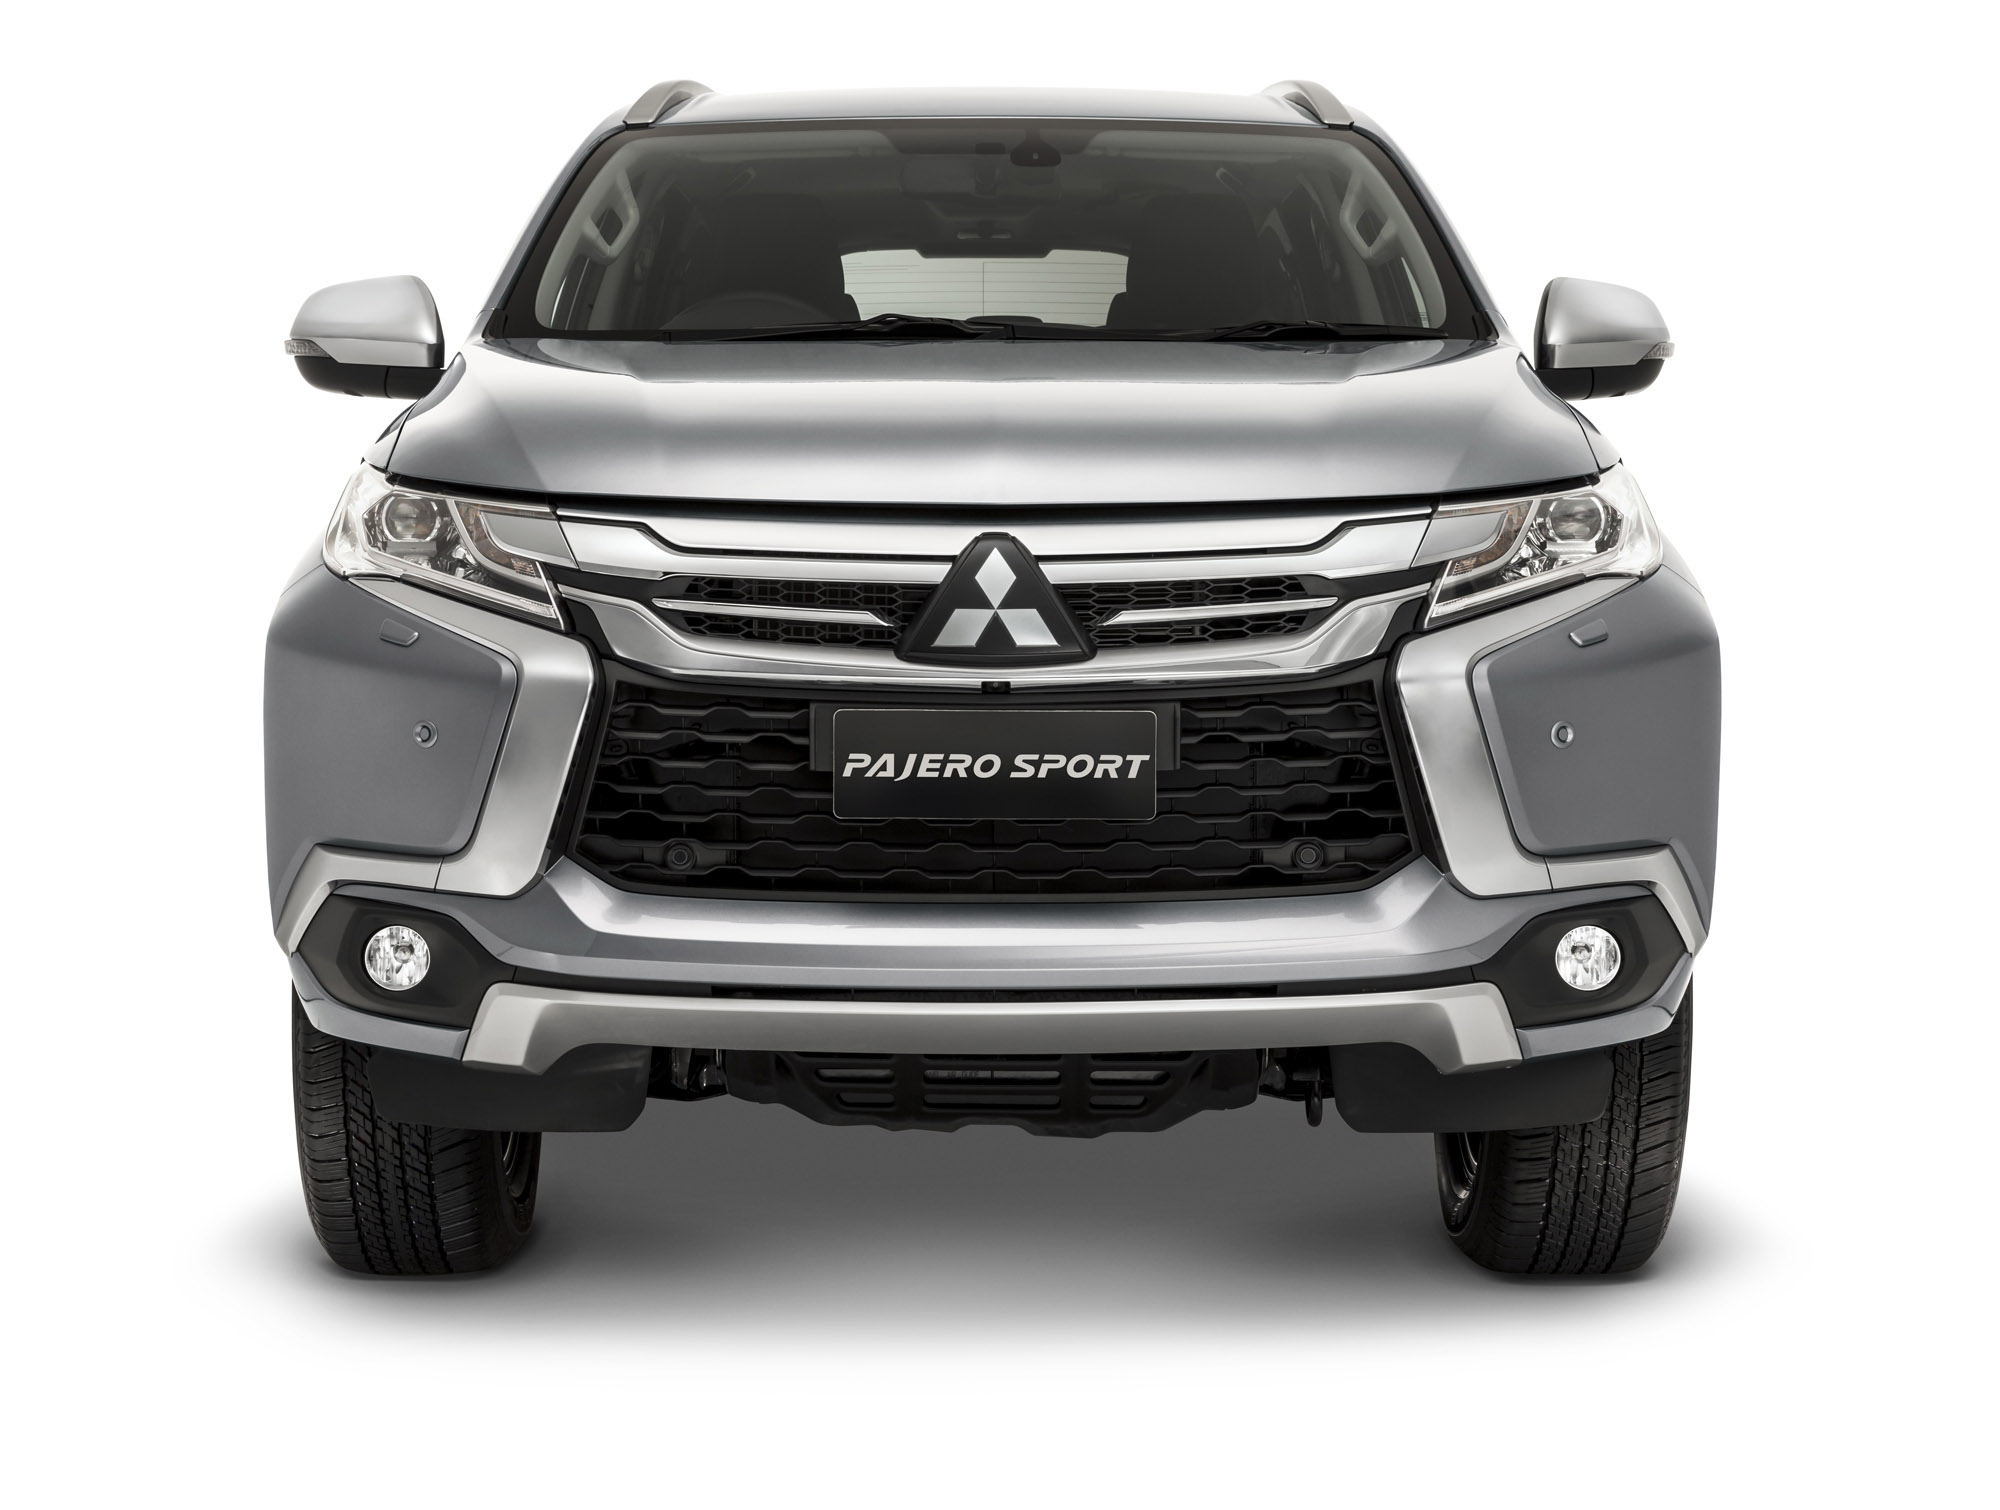 2016 Mitsubishi Pajero Sport Front